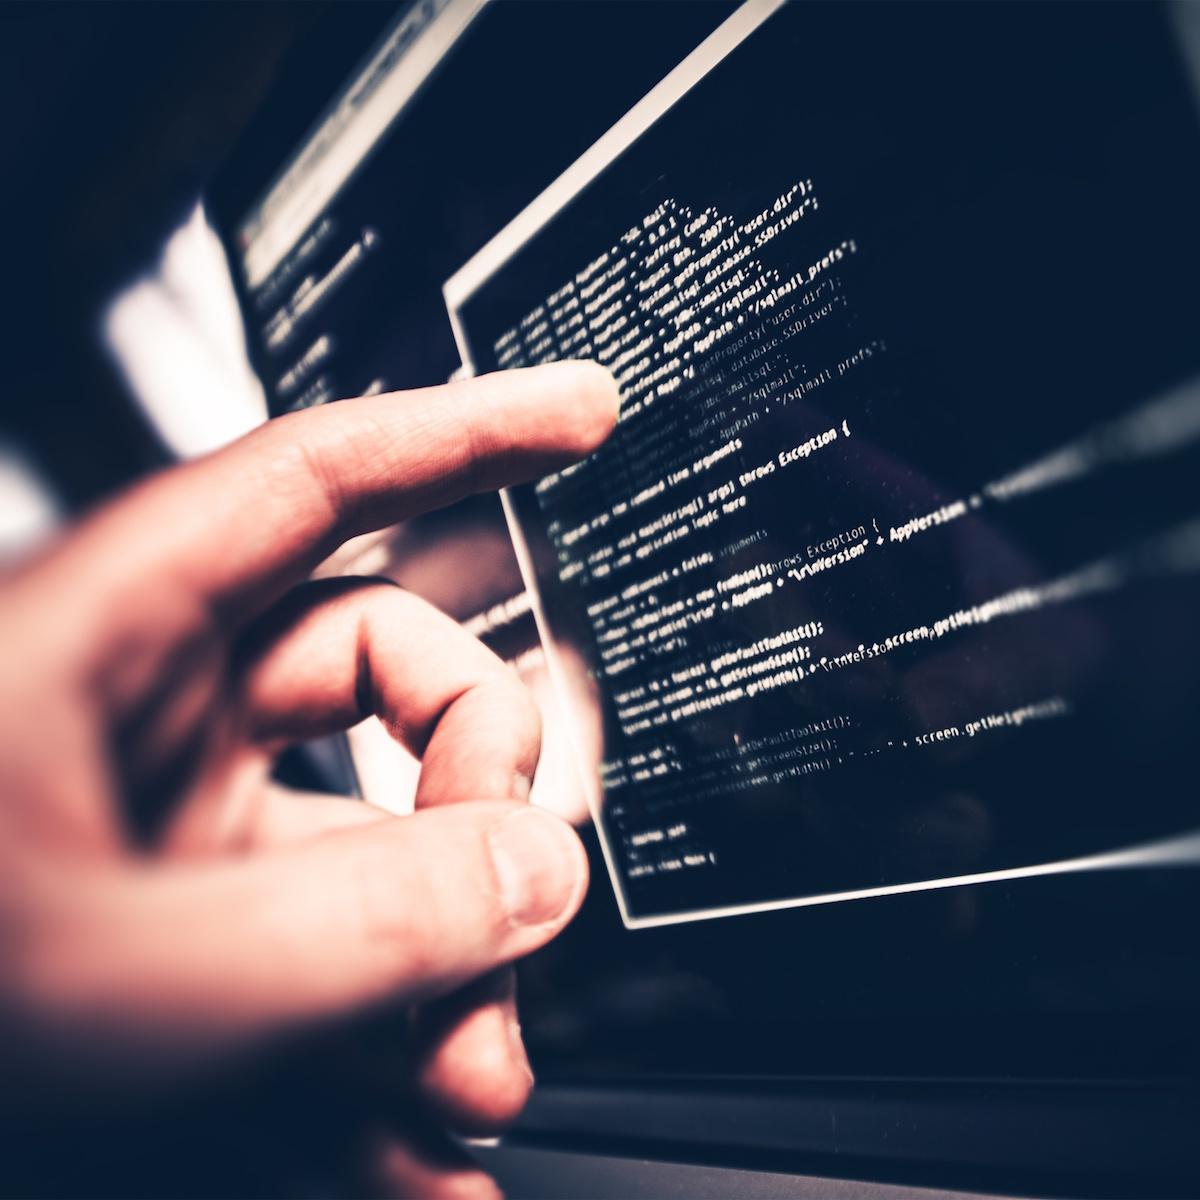 Bezpieczeństwo w sieci, czyli jak dużo może zdziałać zdrowy rozsądek